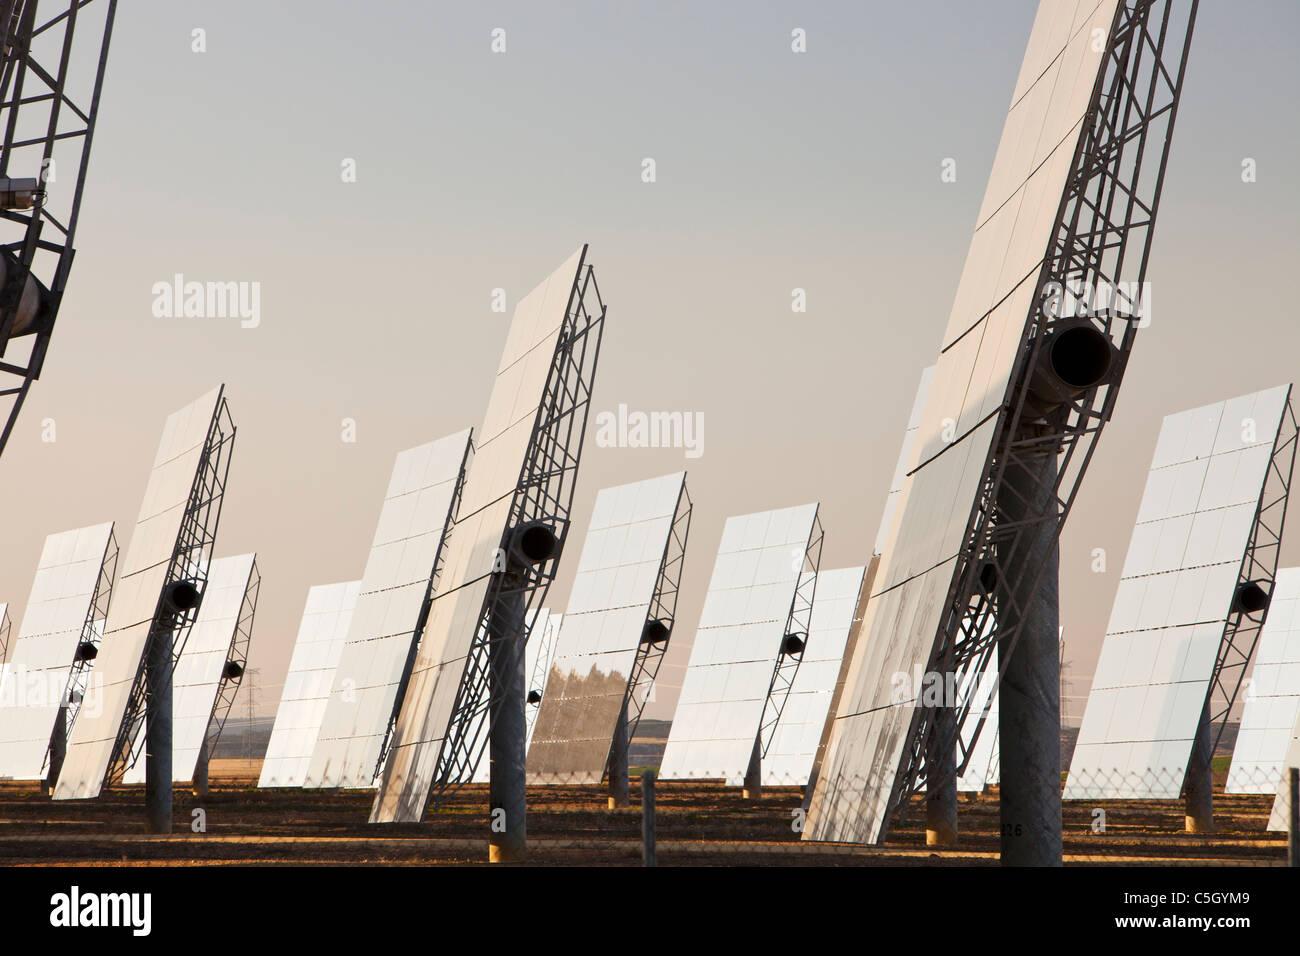 Parte del complejo solar Solúcar Energía, propiedad de Abengoa en Sanlúcar la Mayor, Andalucia, España. Imagen De Stock